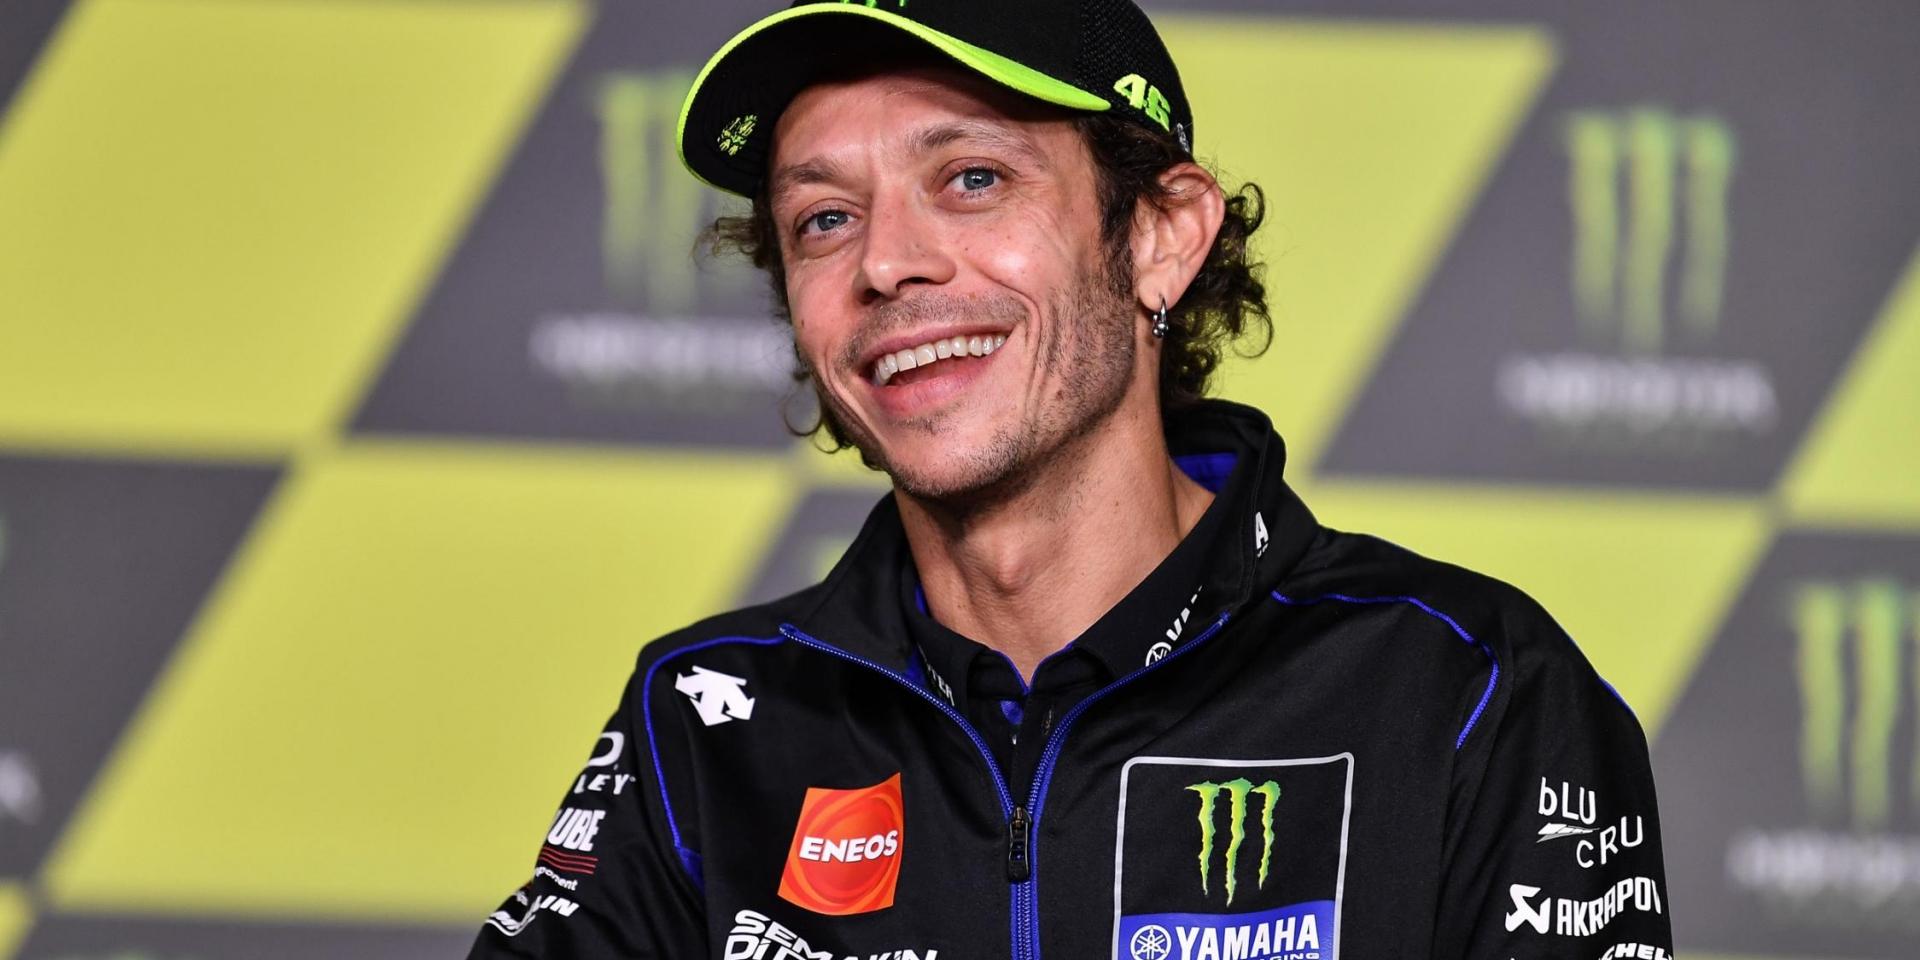 離別的藍色車庫│葡萄牙的最後廠隊身影,Valentino Rossi:第十冠?如果我在周末贏得一些比賽,也許有機會吧!